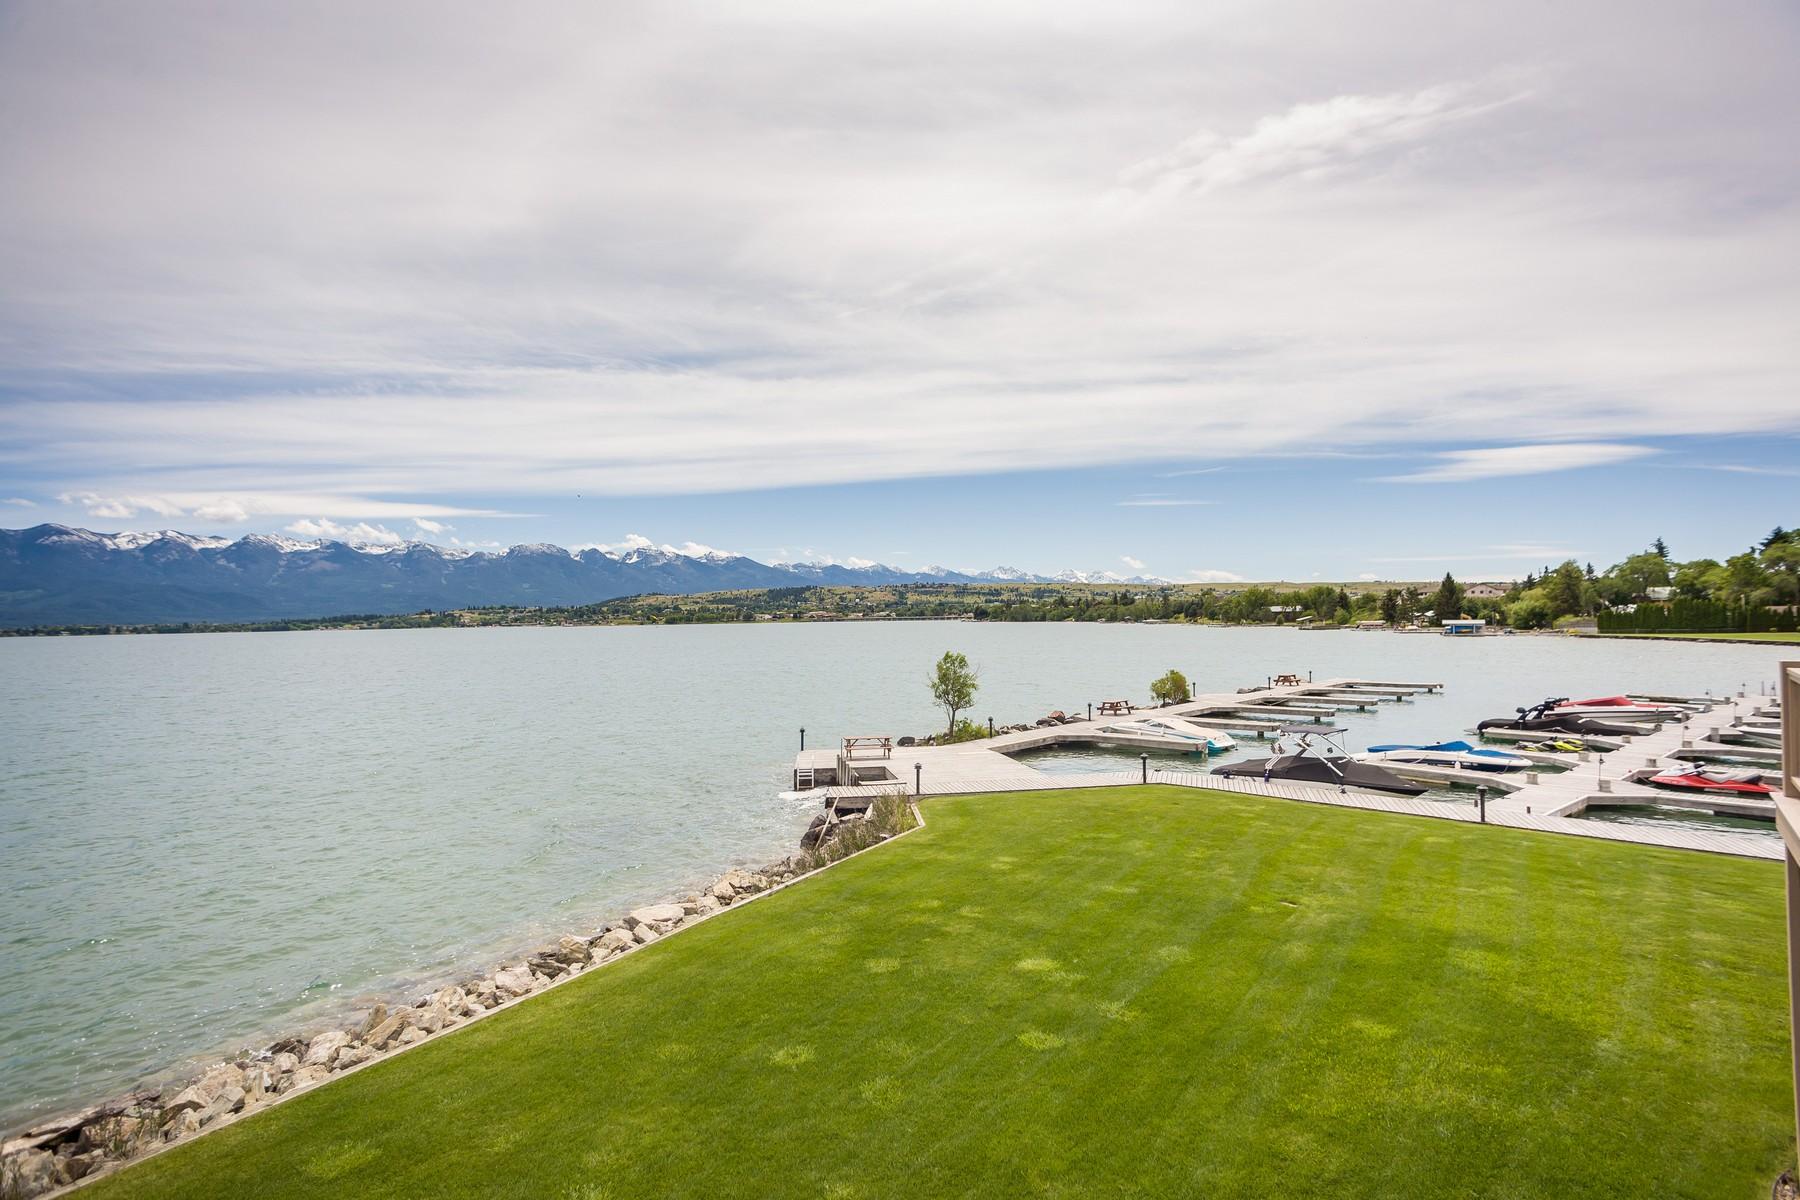 Кооперативная квартира для того Продажа на Bear Harbor Condo 100 Rocky Point Rd Unit C-5 Polson, Монтана, 59860 Соединенные Штаты